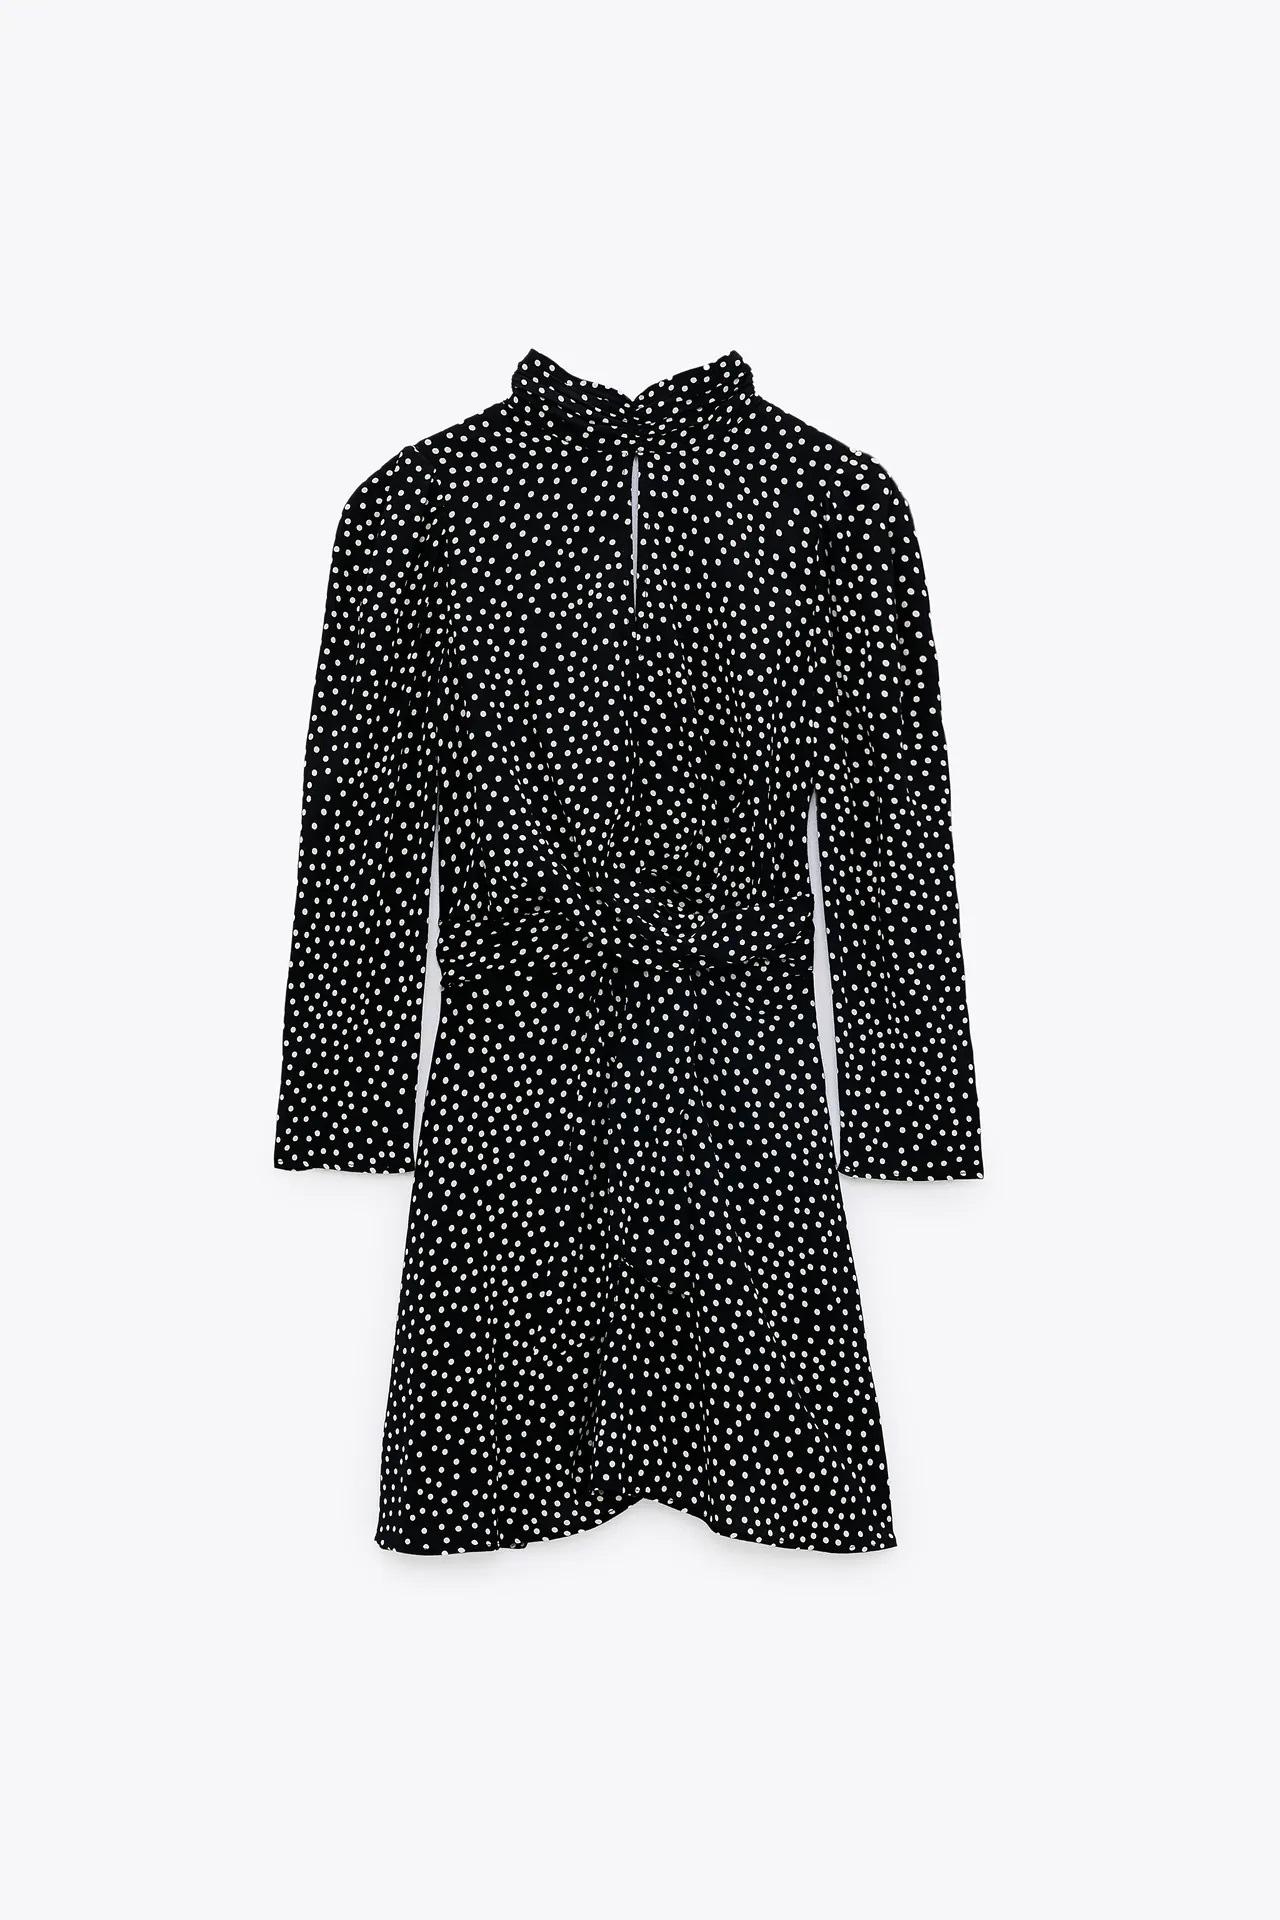 El estilo de la Infanta Sofía vuelve a destacar con un vestido de lunares de Zara